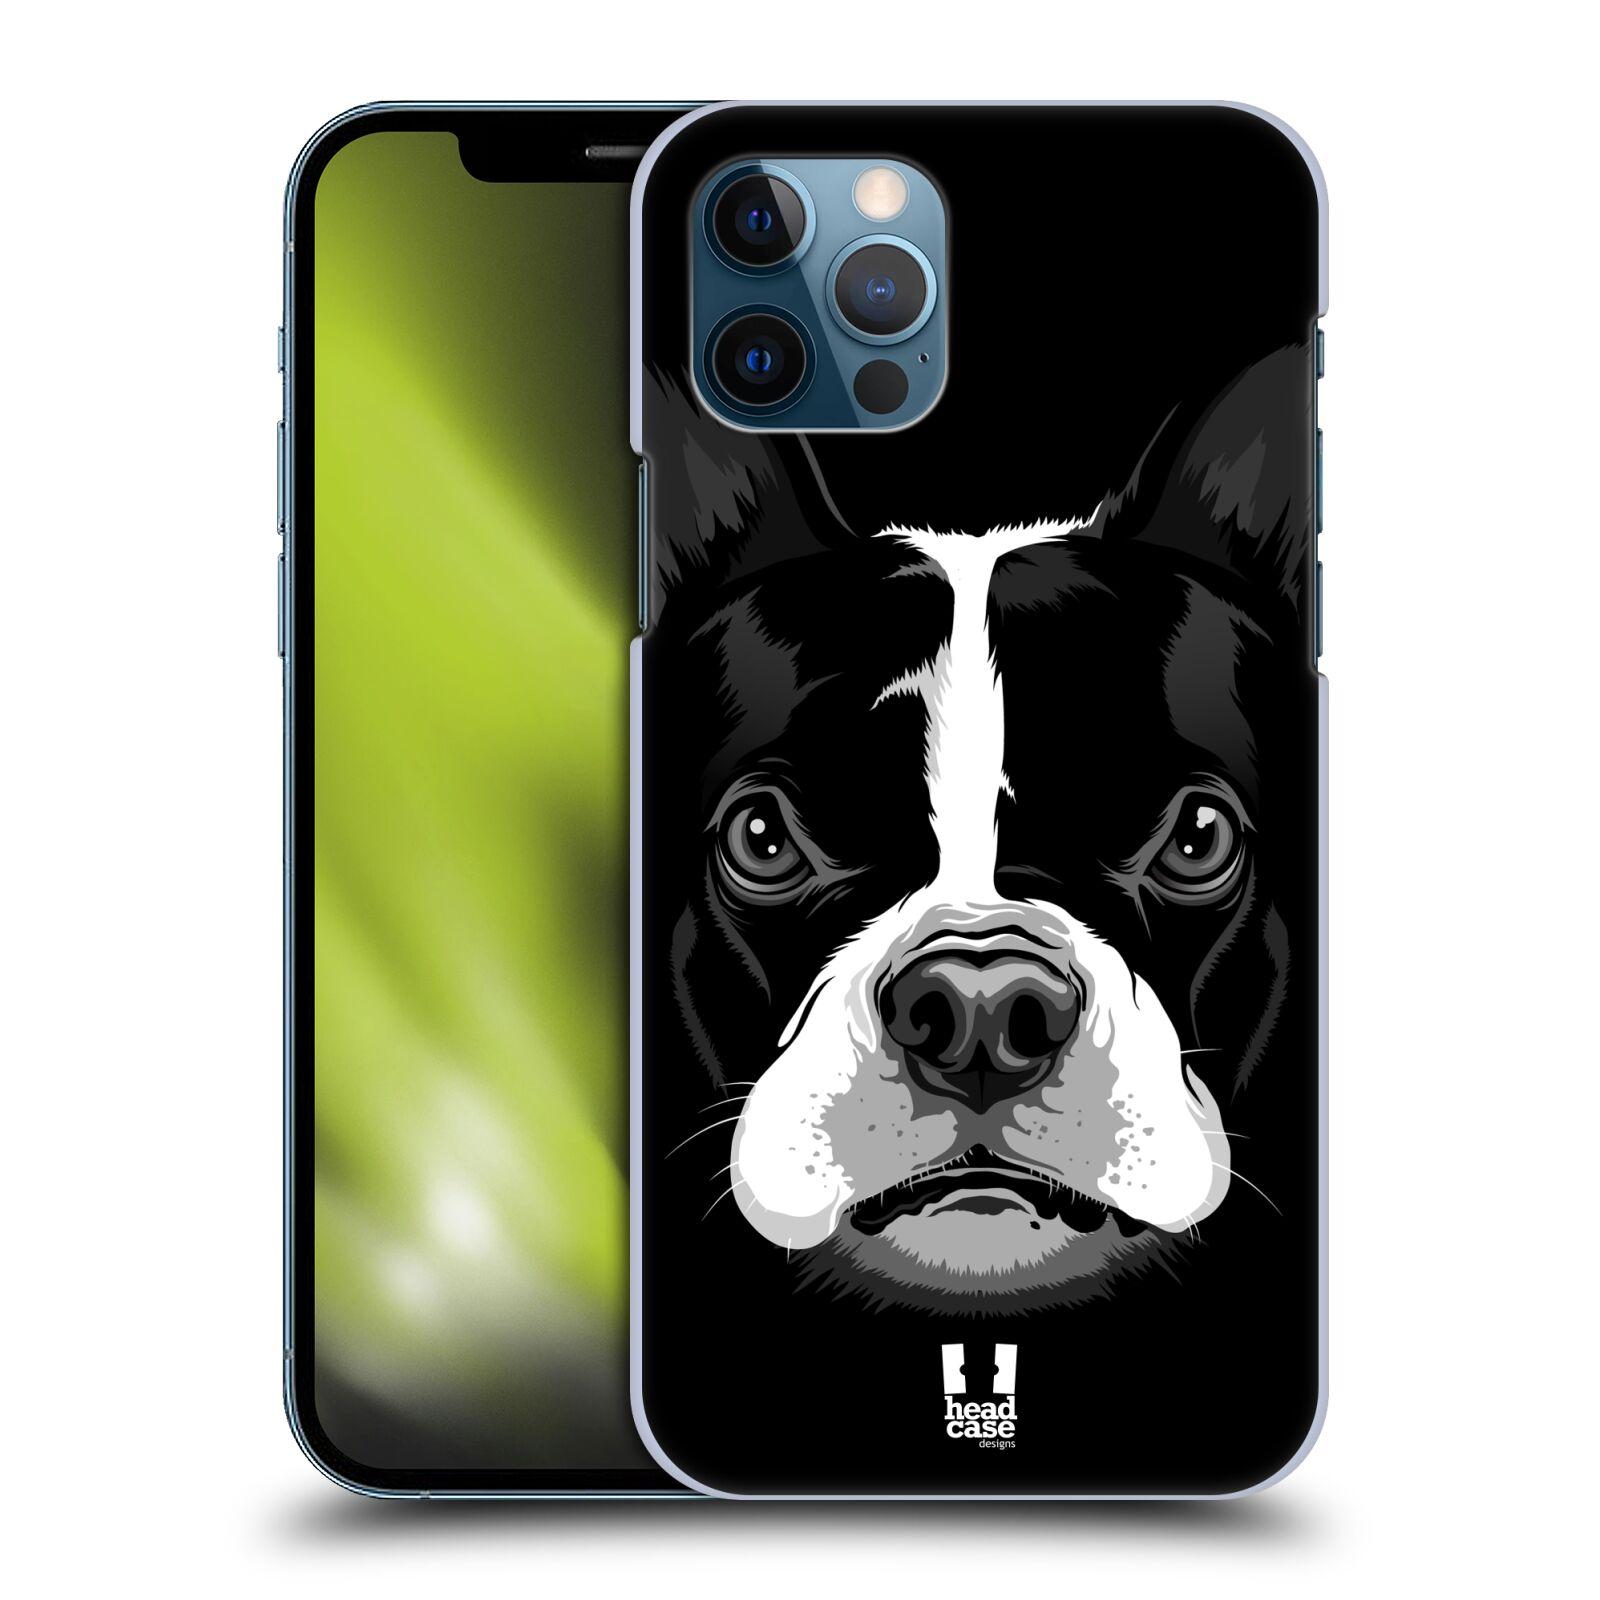 Plastové pouzdro na mobil Apple iPhone 12 / 12 Pro - Head Case - ILUSTROVANÝ BULDOČEK